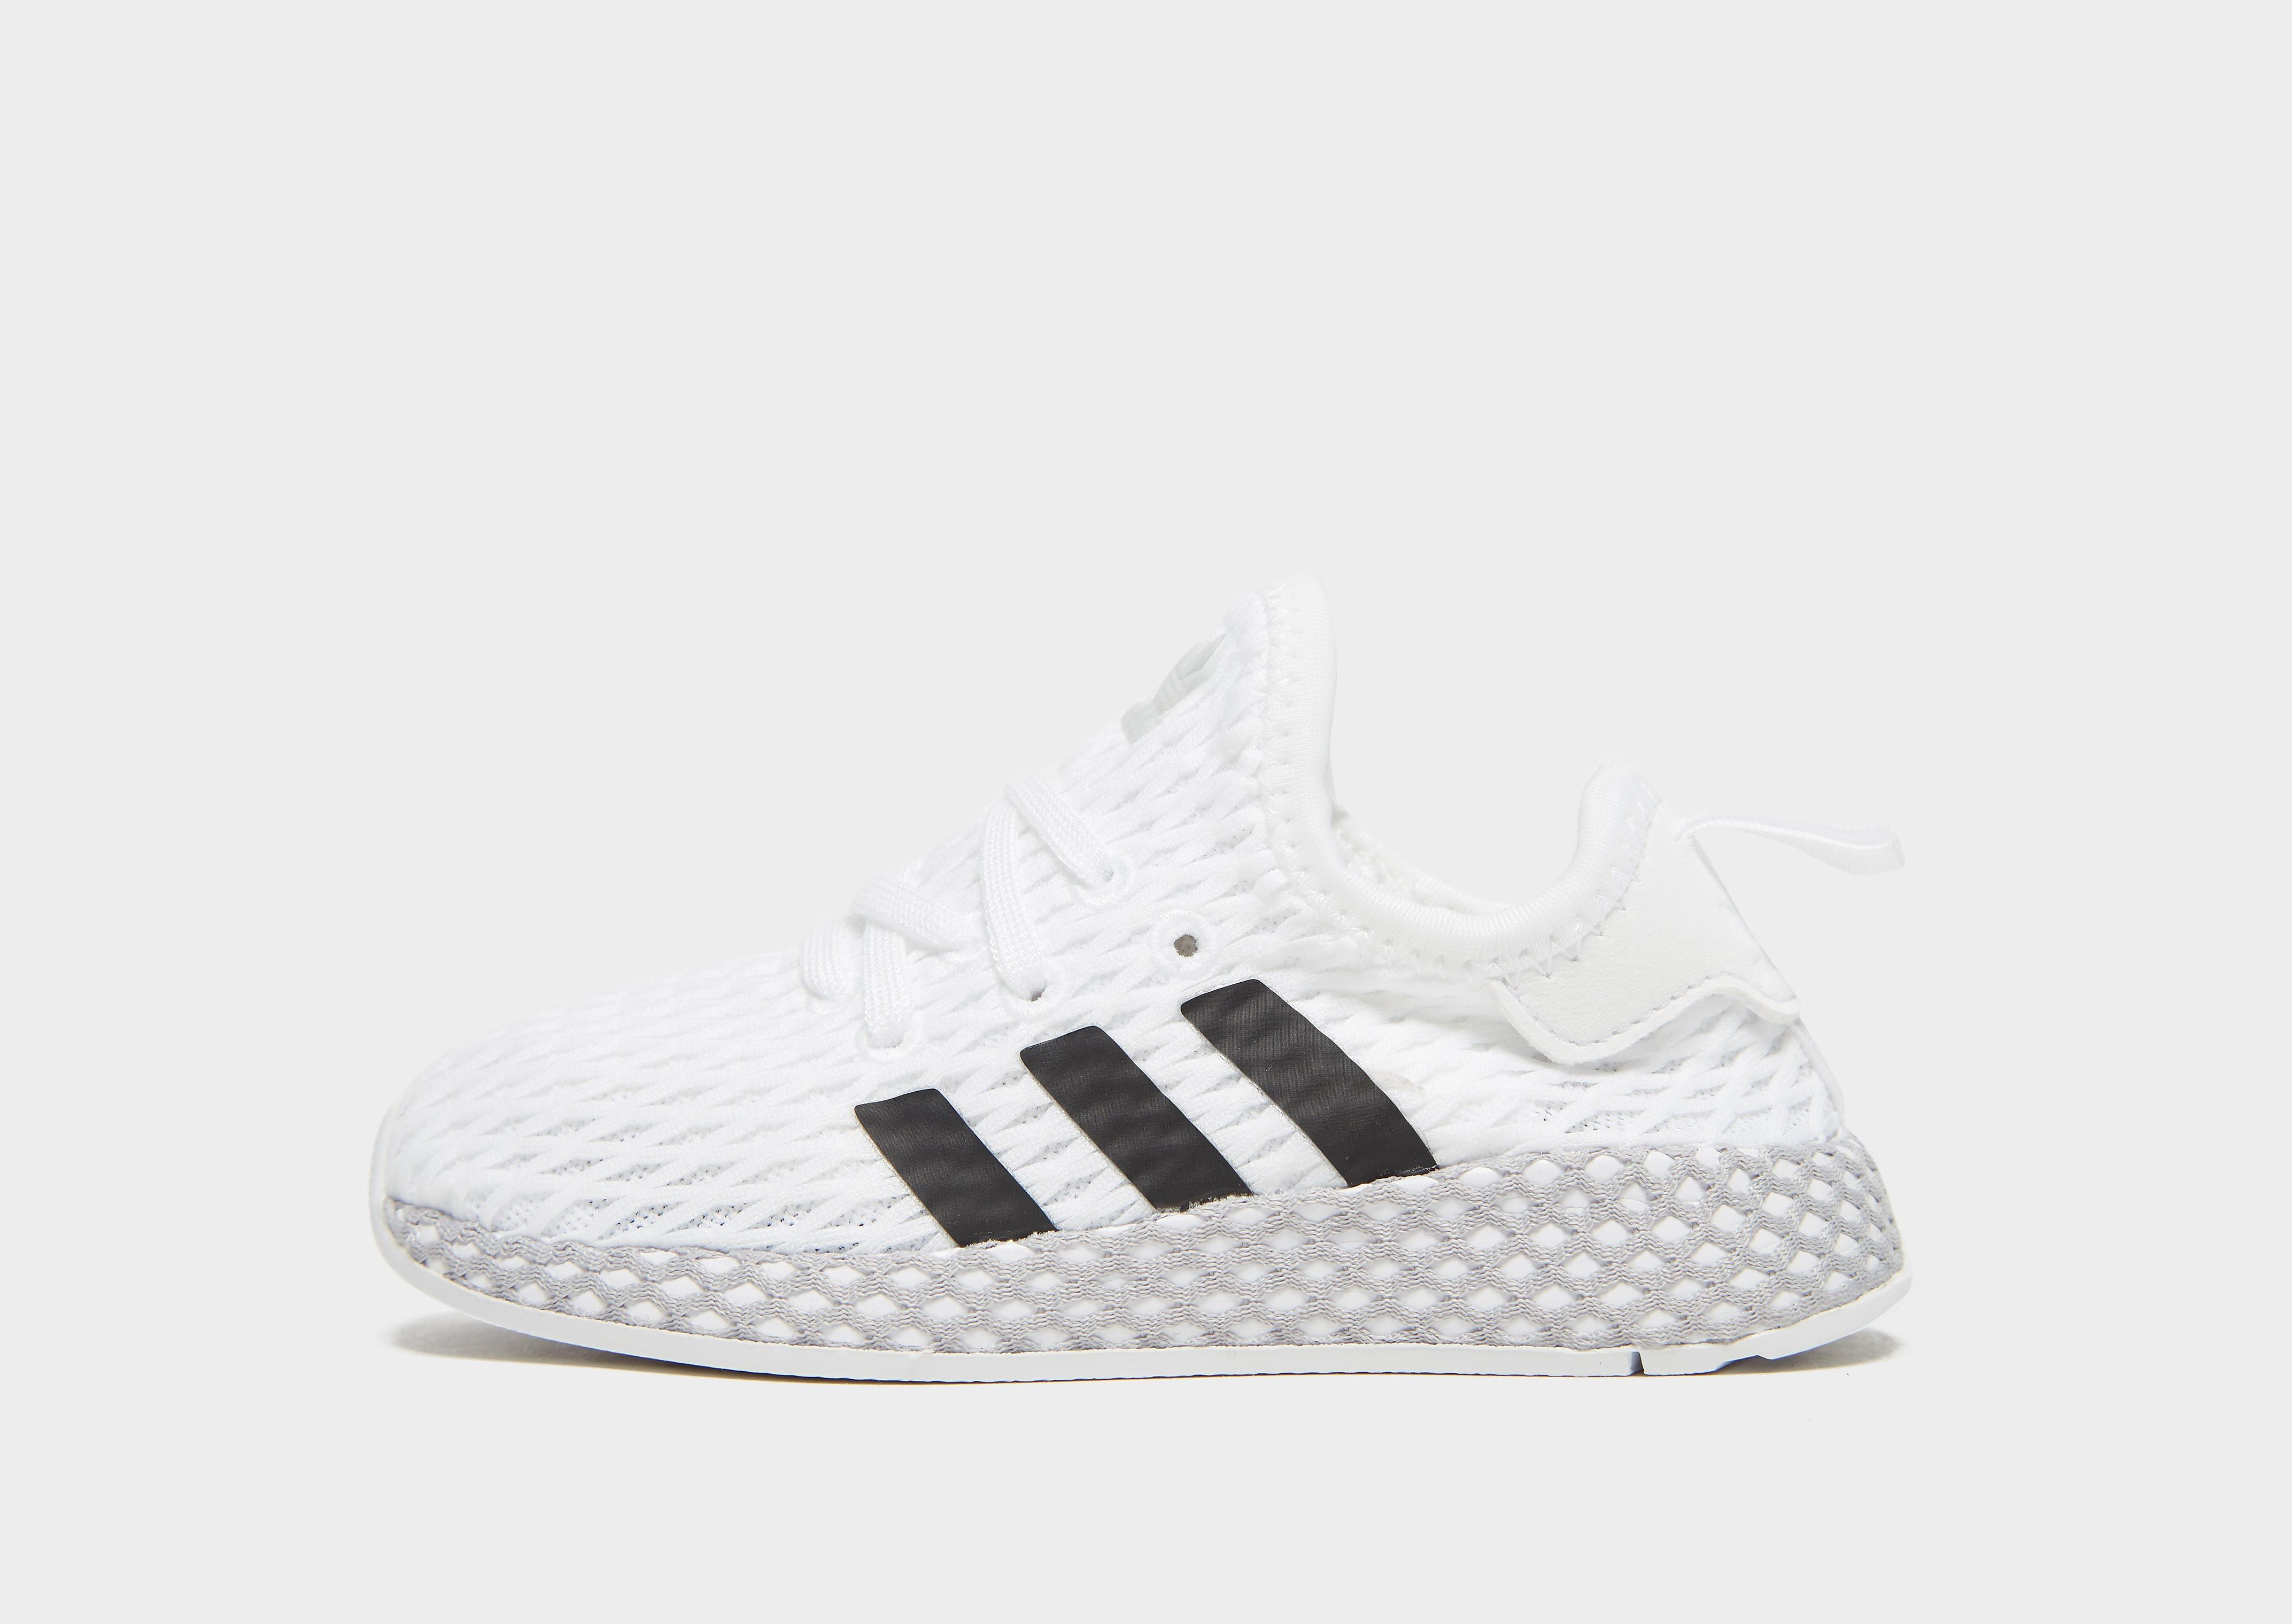 Adidas Deerupt kindersneaker wit en zwart